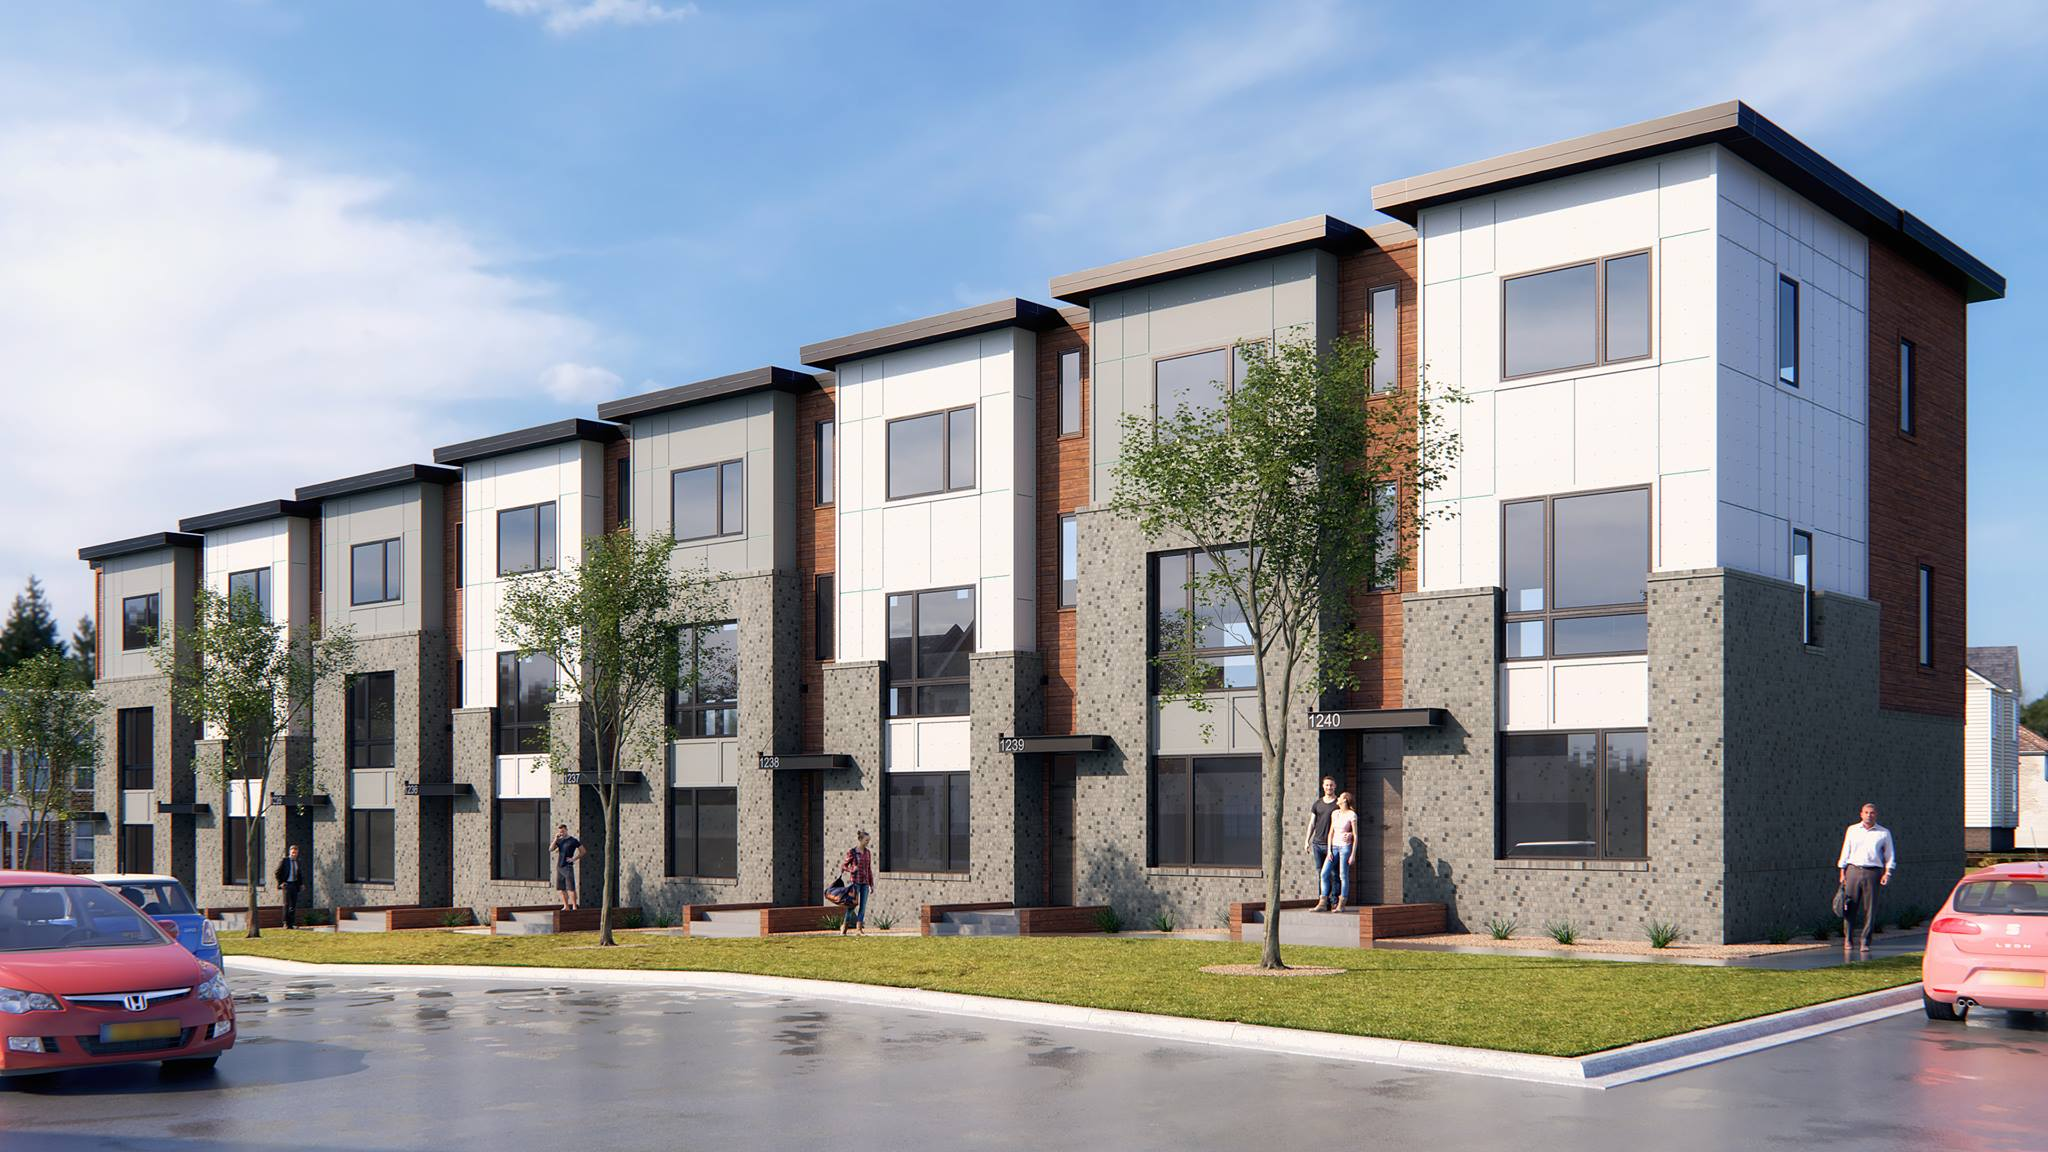 Vibe City Homes - HV Urban Development in East Nashville